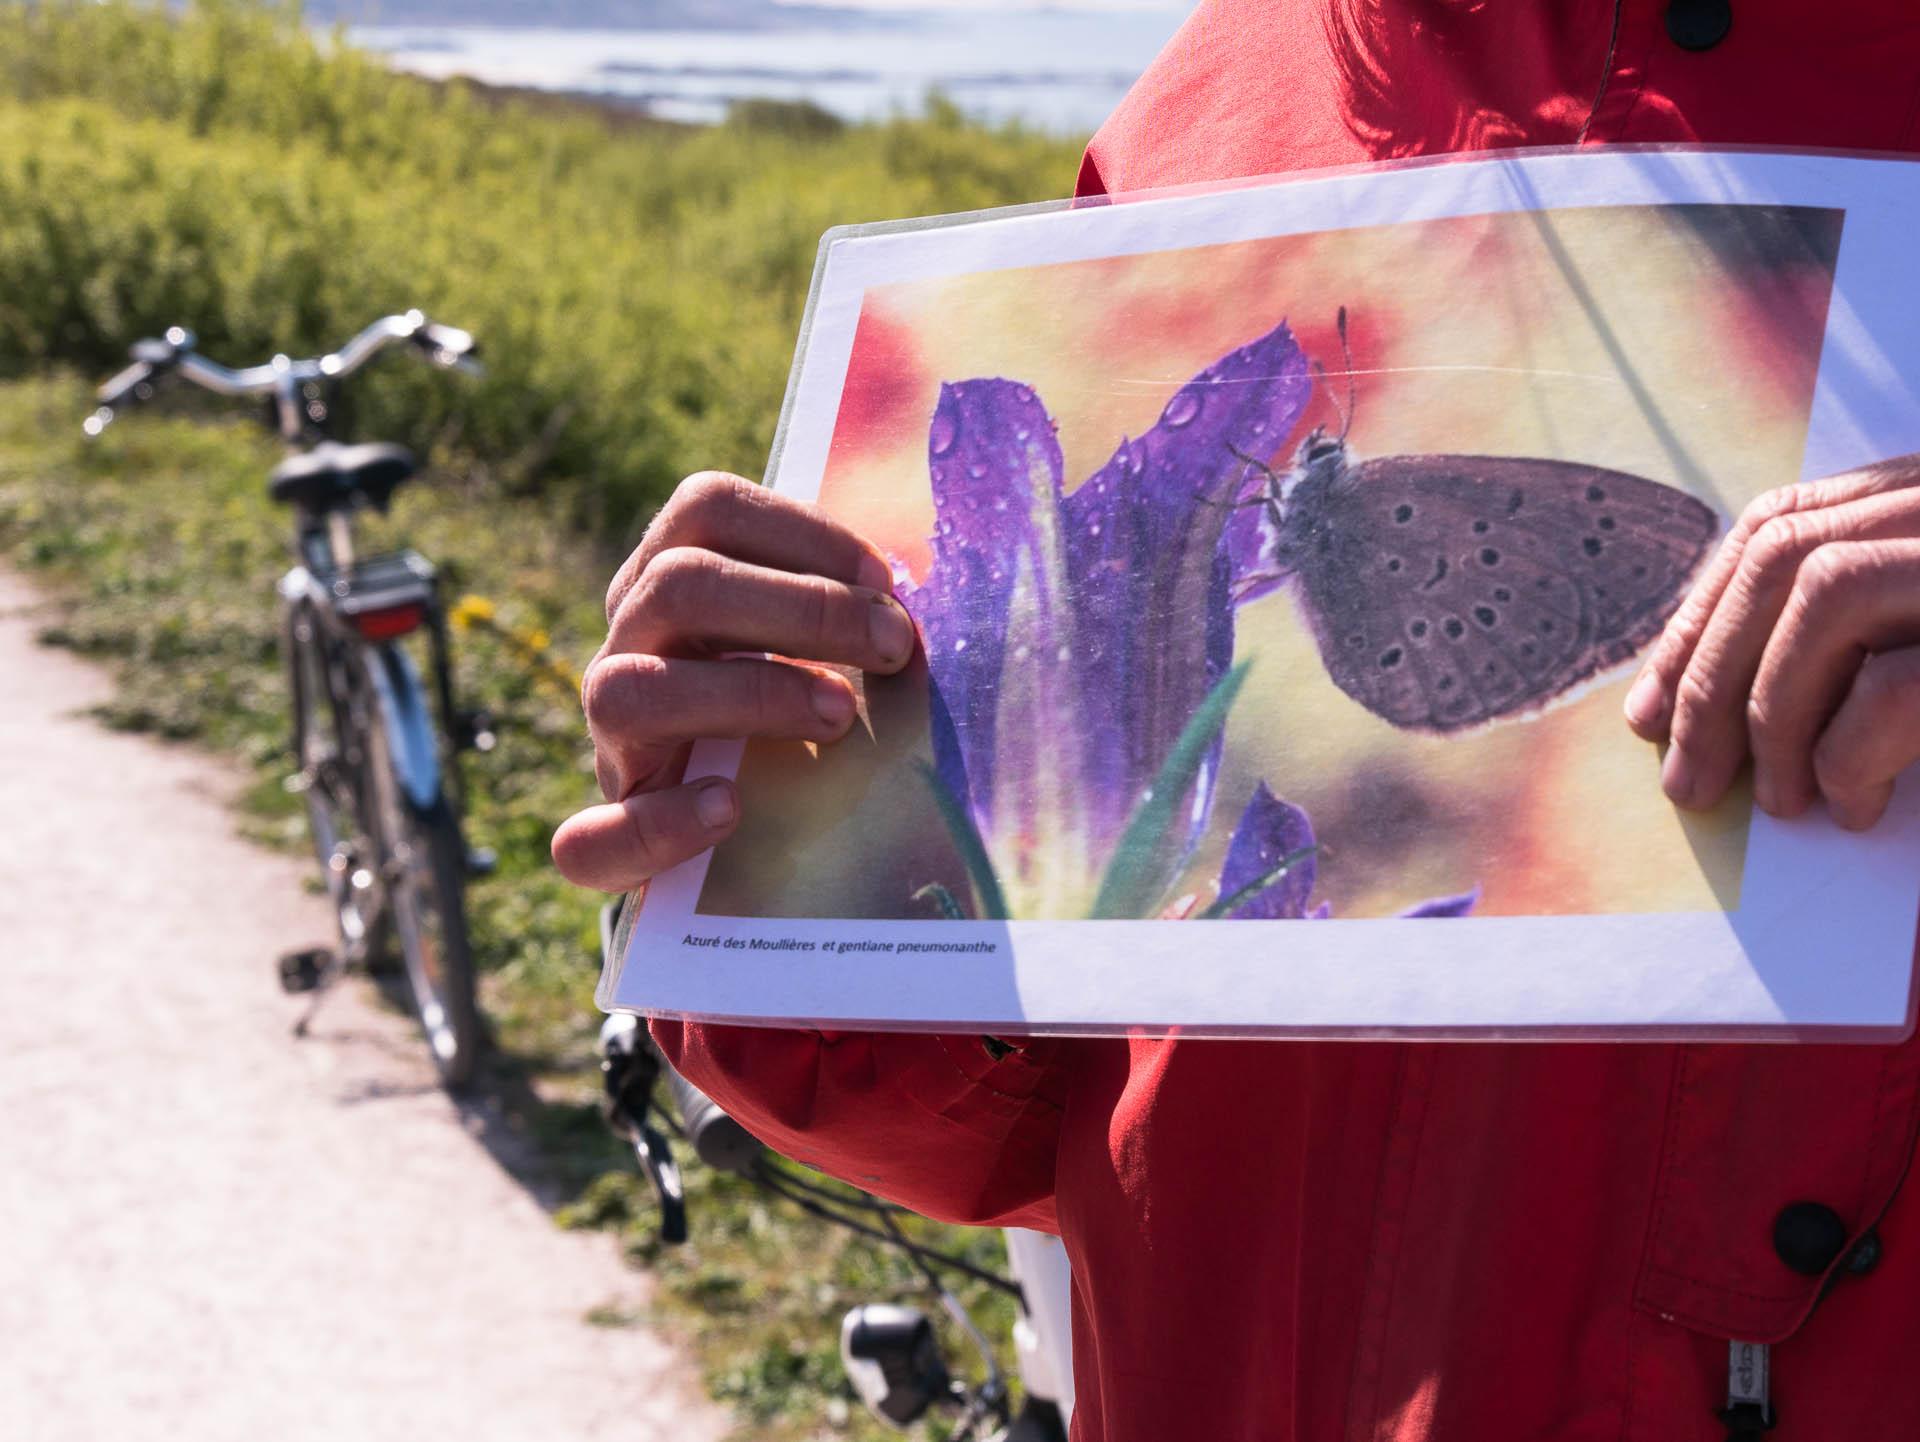 cap fréhel guide - Les globe blogueurs - blog voyage nature